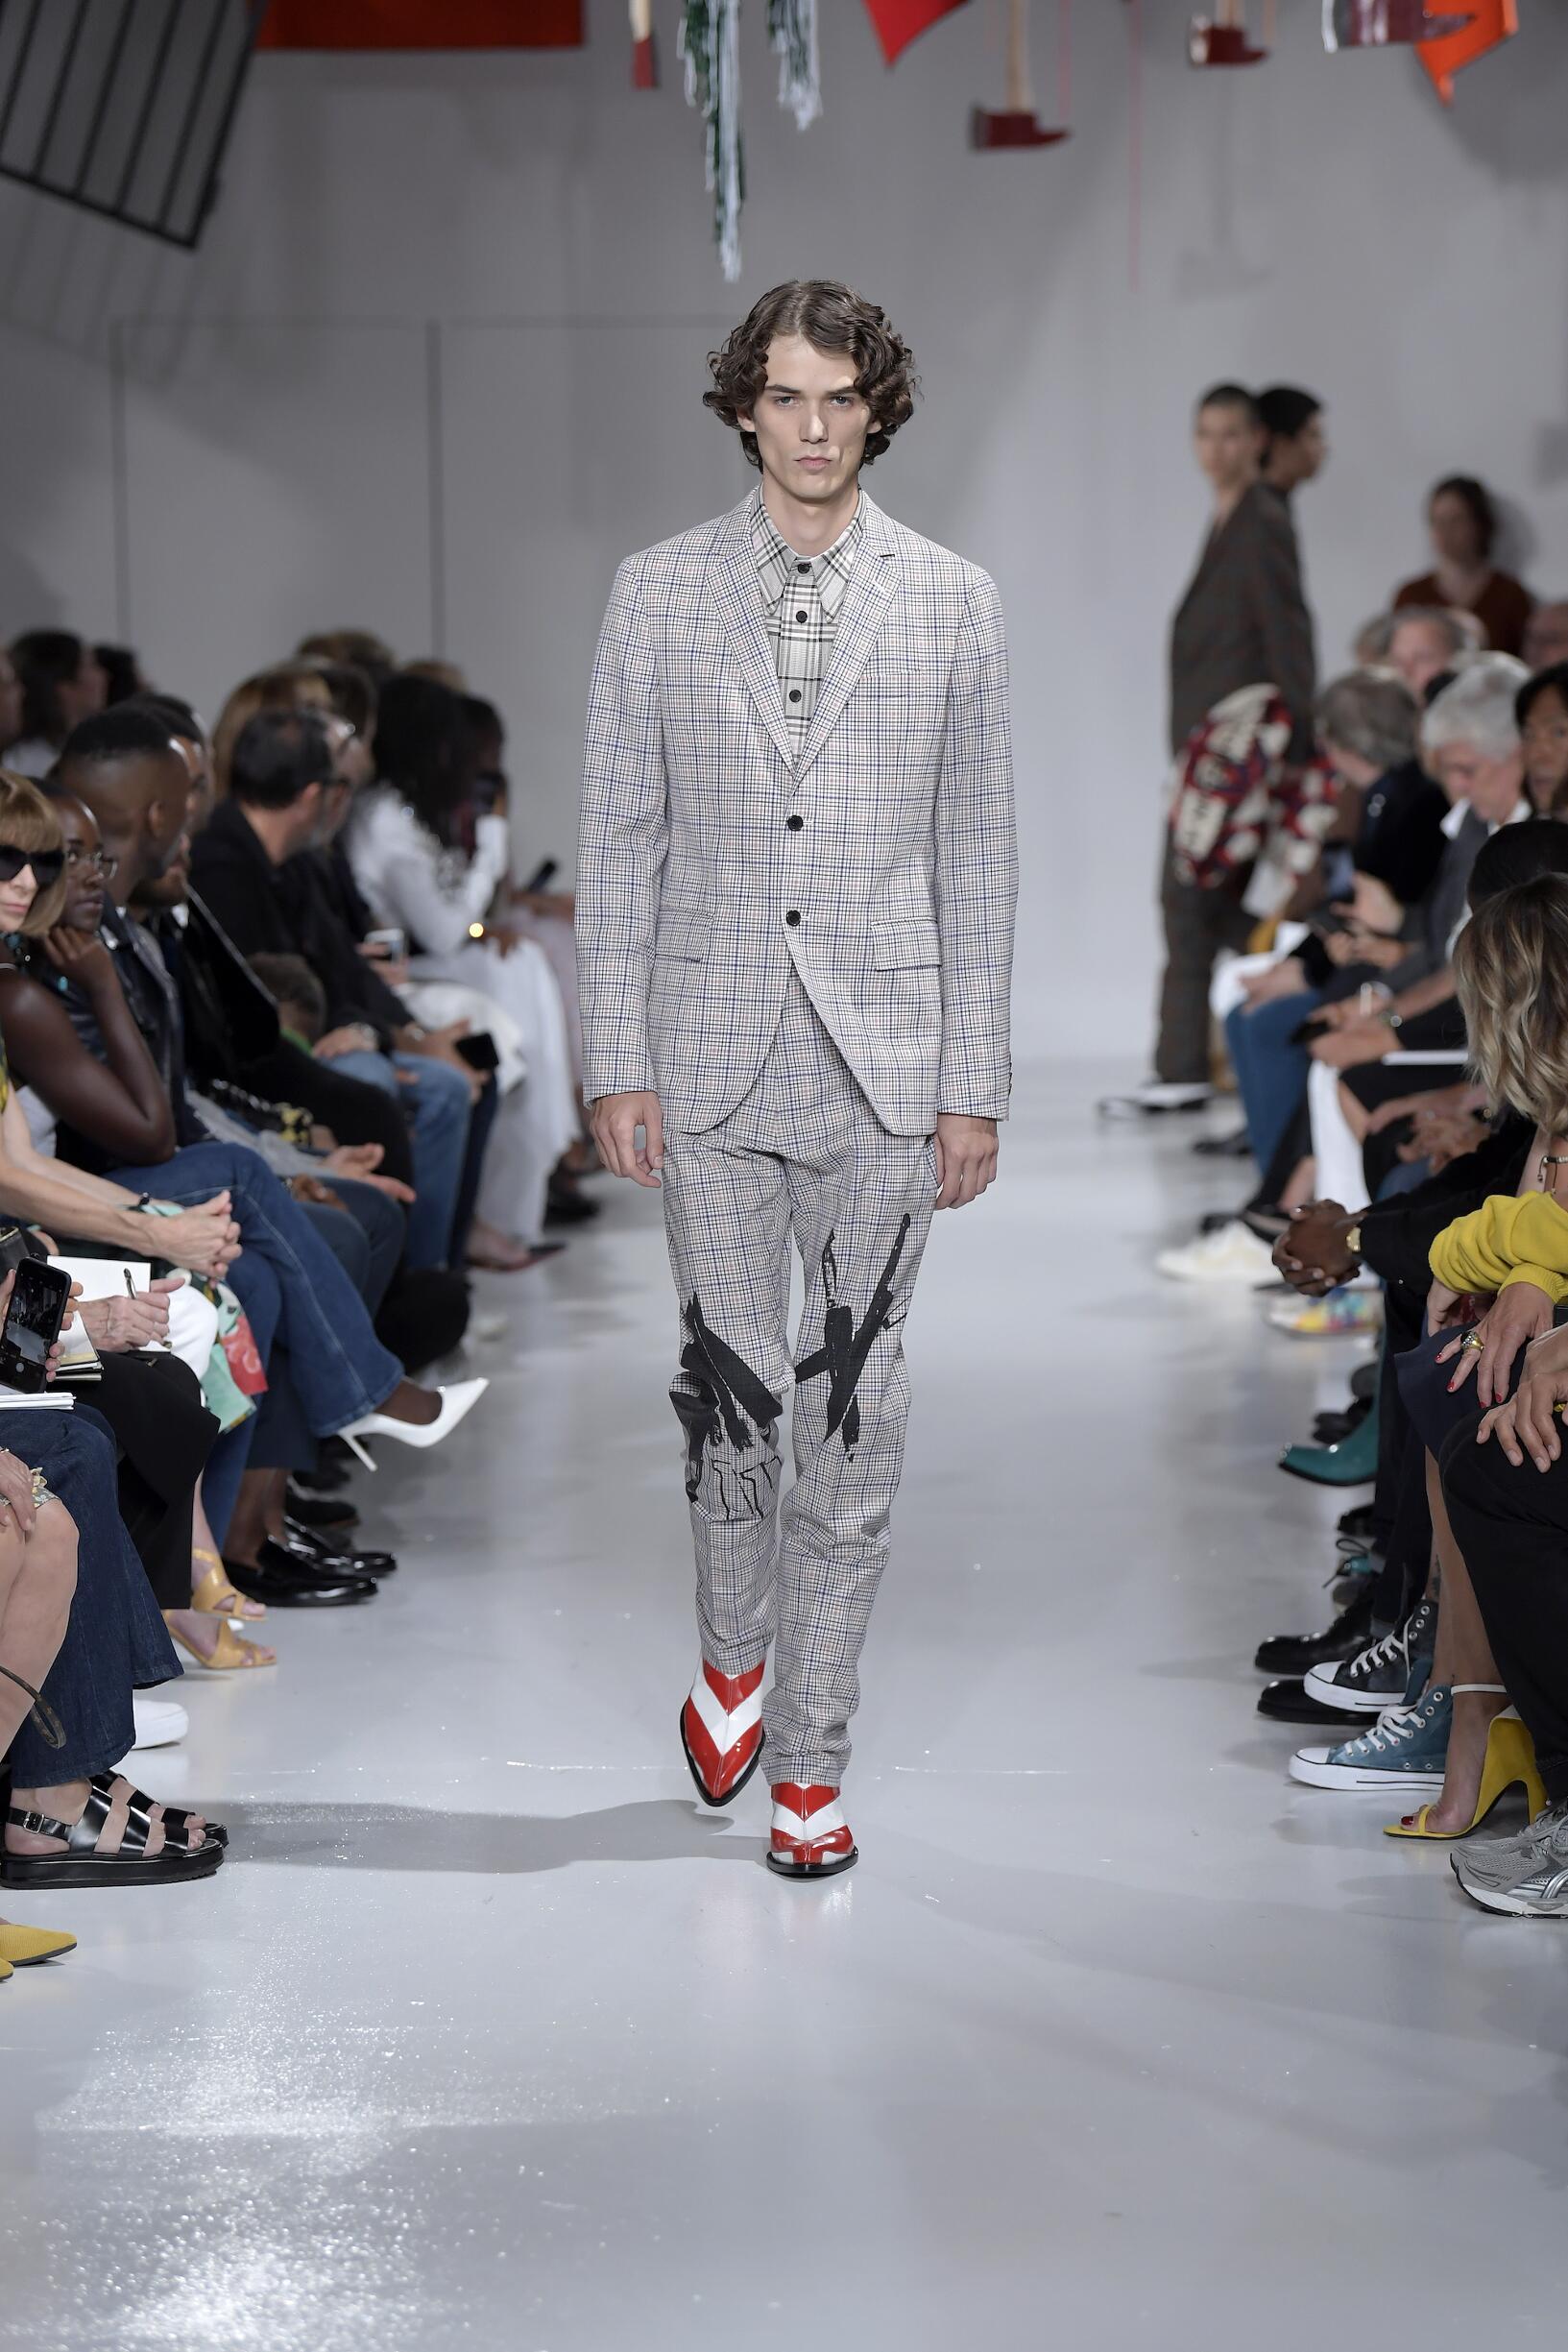 Calvin Klein 205W39NYC Style